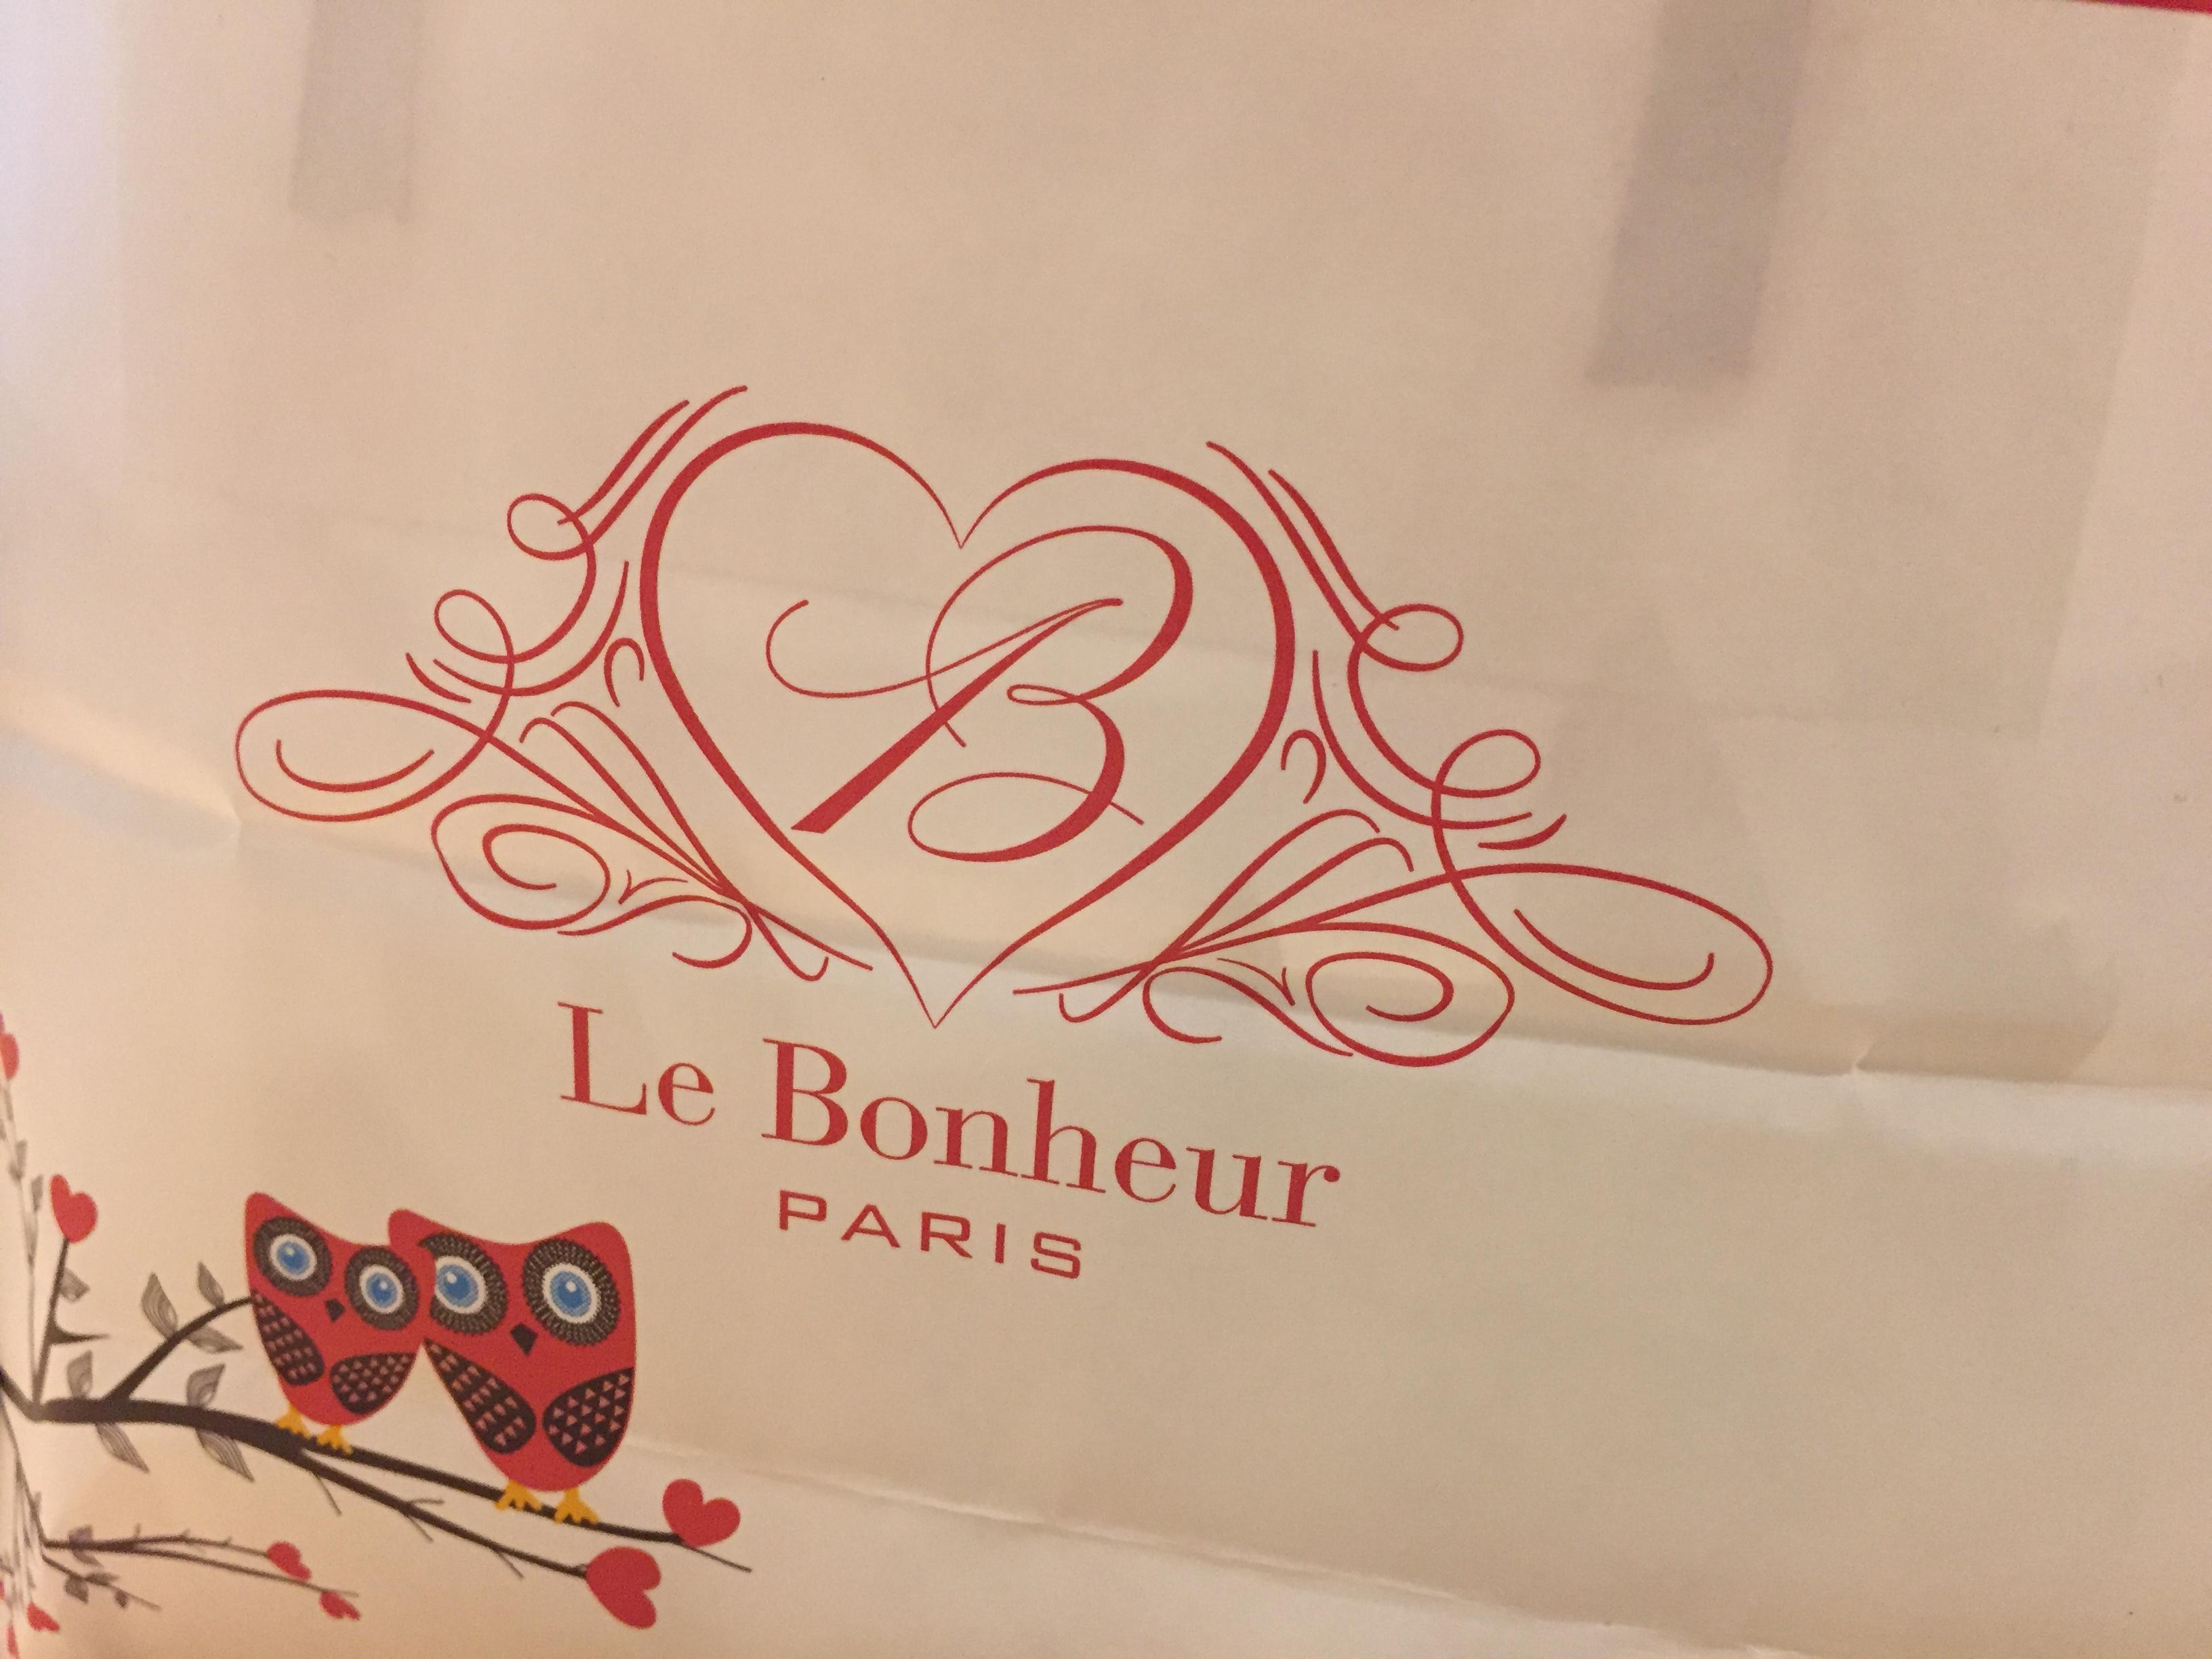 Le Bonheur ル・ボヌールのホワイトデー